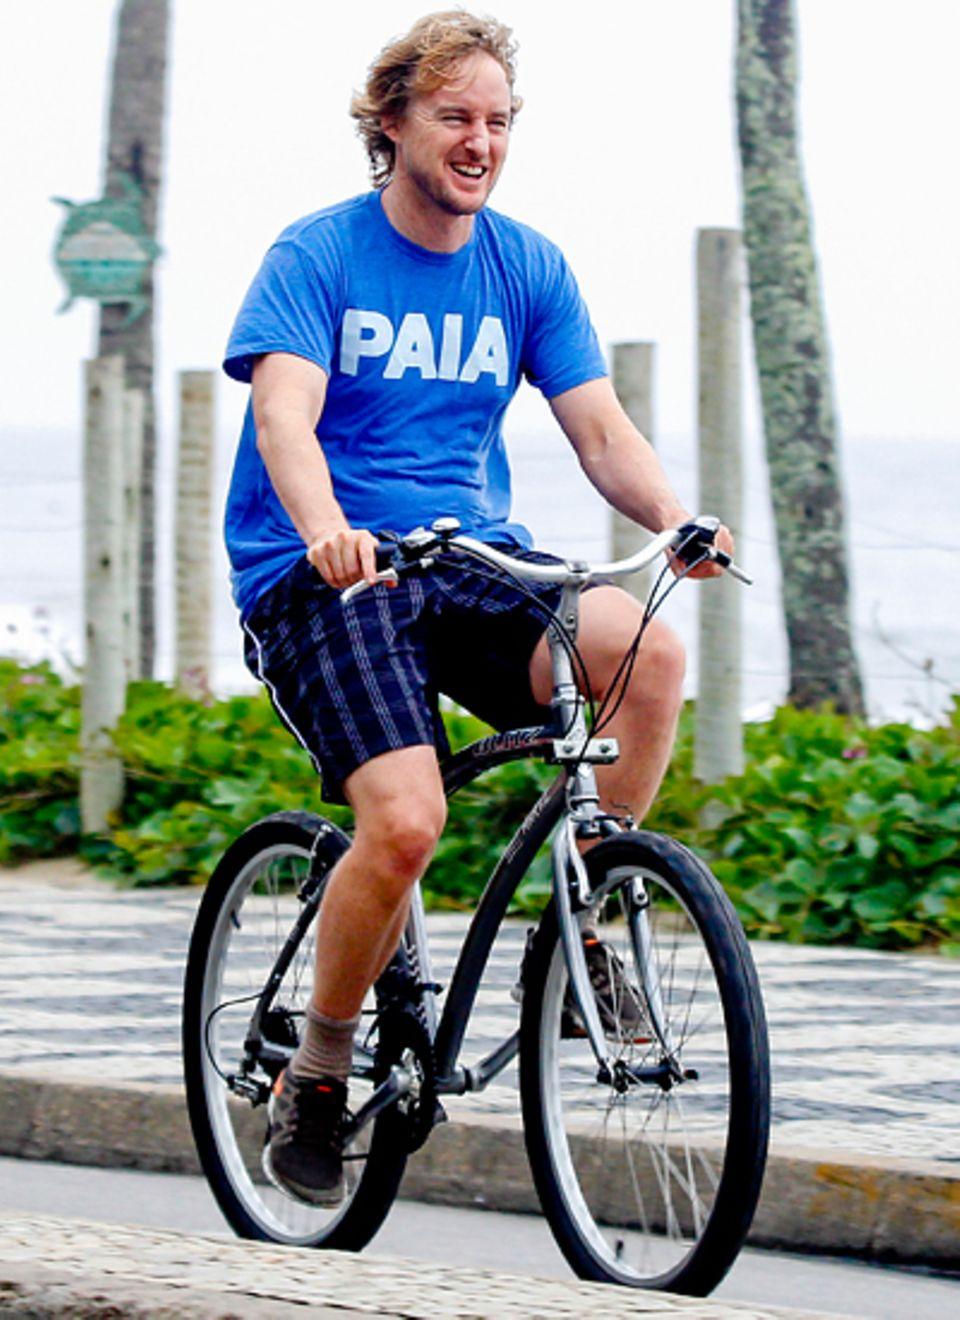 Bester Laune radelt Owen Wilson durch Rio de Janeiro und genießt dabei das schöne Wetter und die Landschaft.